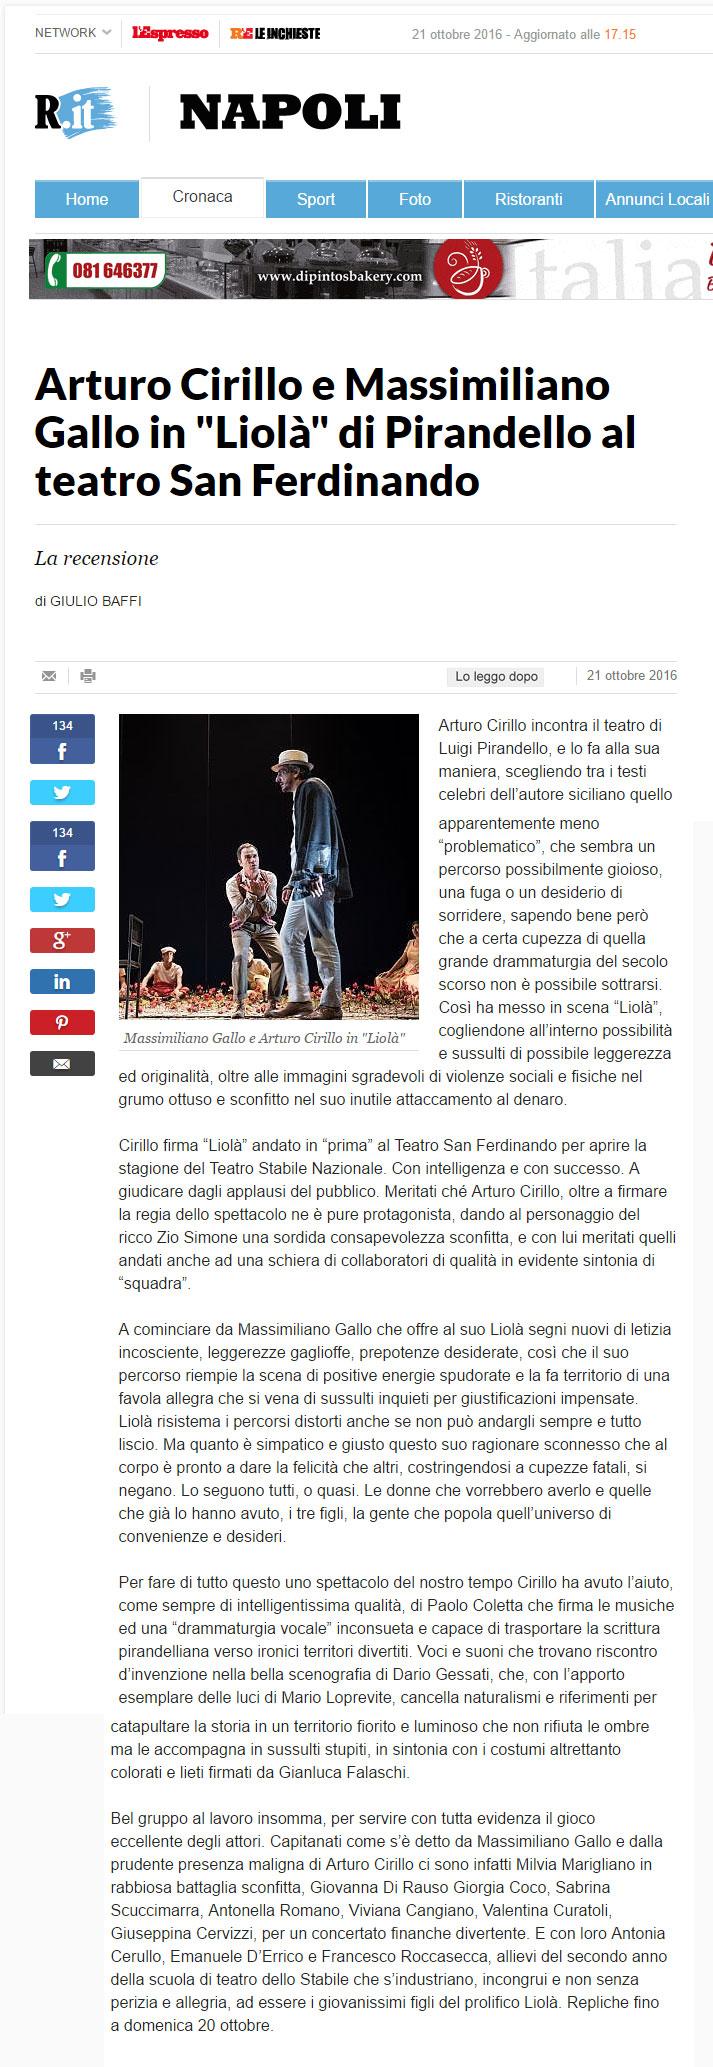 2016_10_21_arturo-cirillo-e-massimiliano-gallo-in-liola-di-pirandello-al-teatro-san-ferdinando_la-repubblica